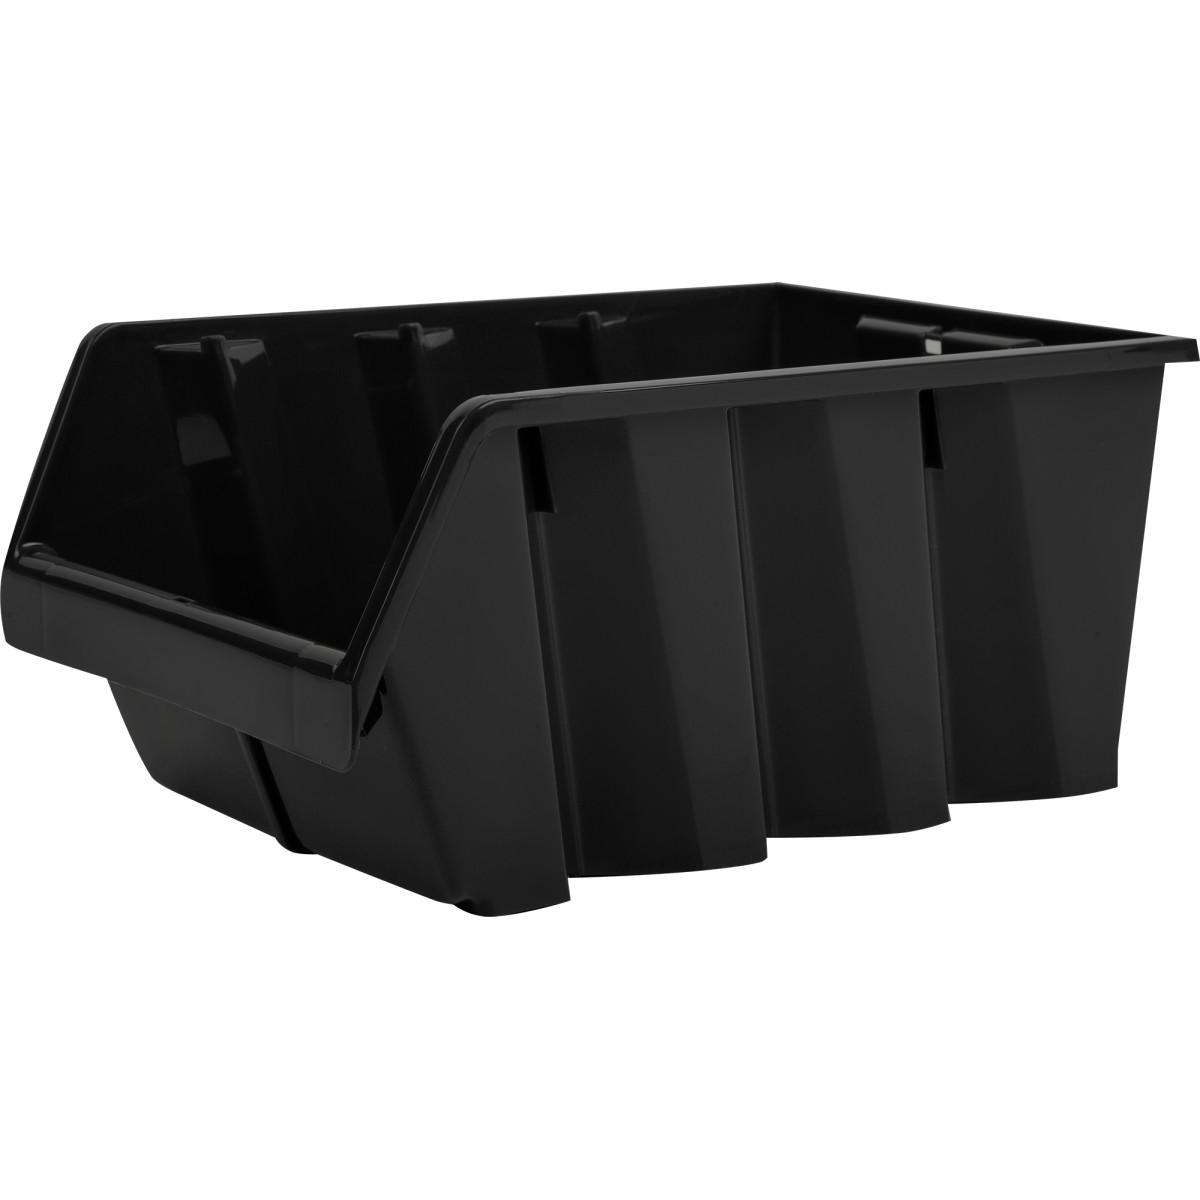 Лоток Volf 21.5х33х15.5 см пластик цвет чёрный